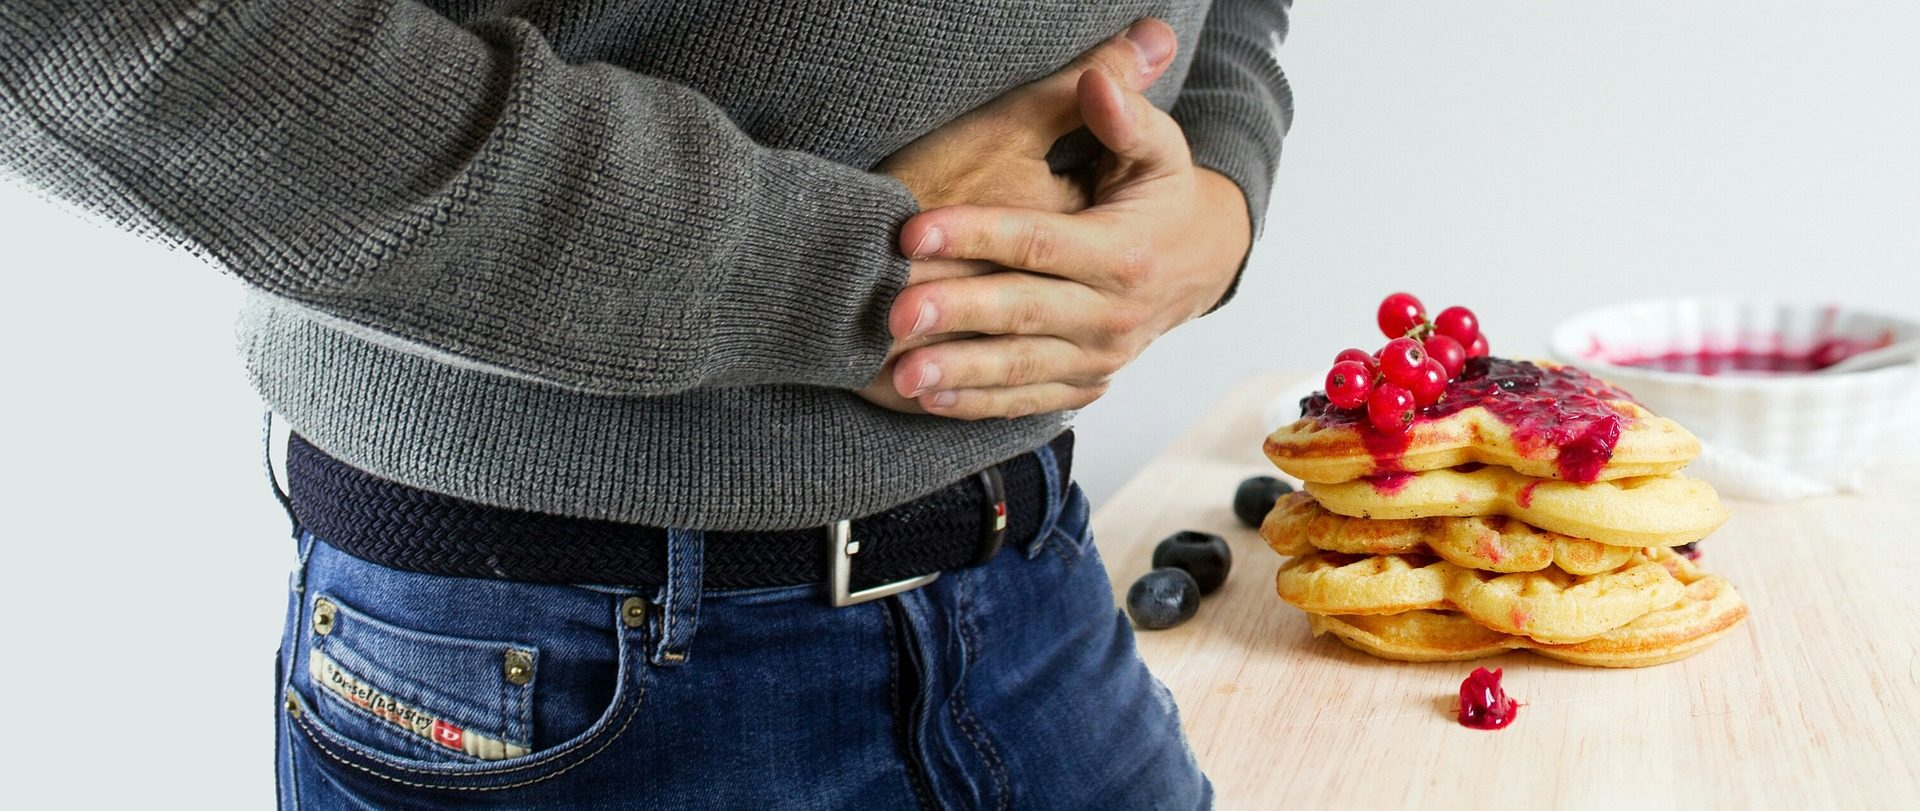 Ventre gonflé: est-ce dû à une malabsorption, une intolérance ou une allergie alimentaire ?